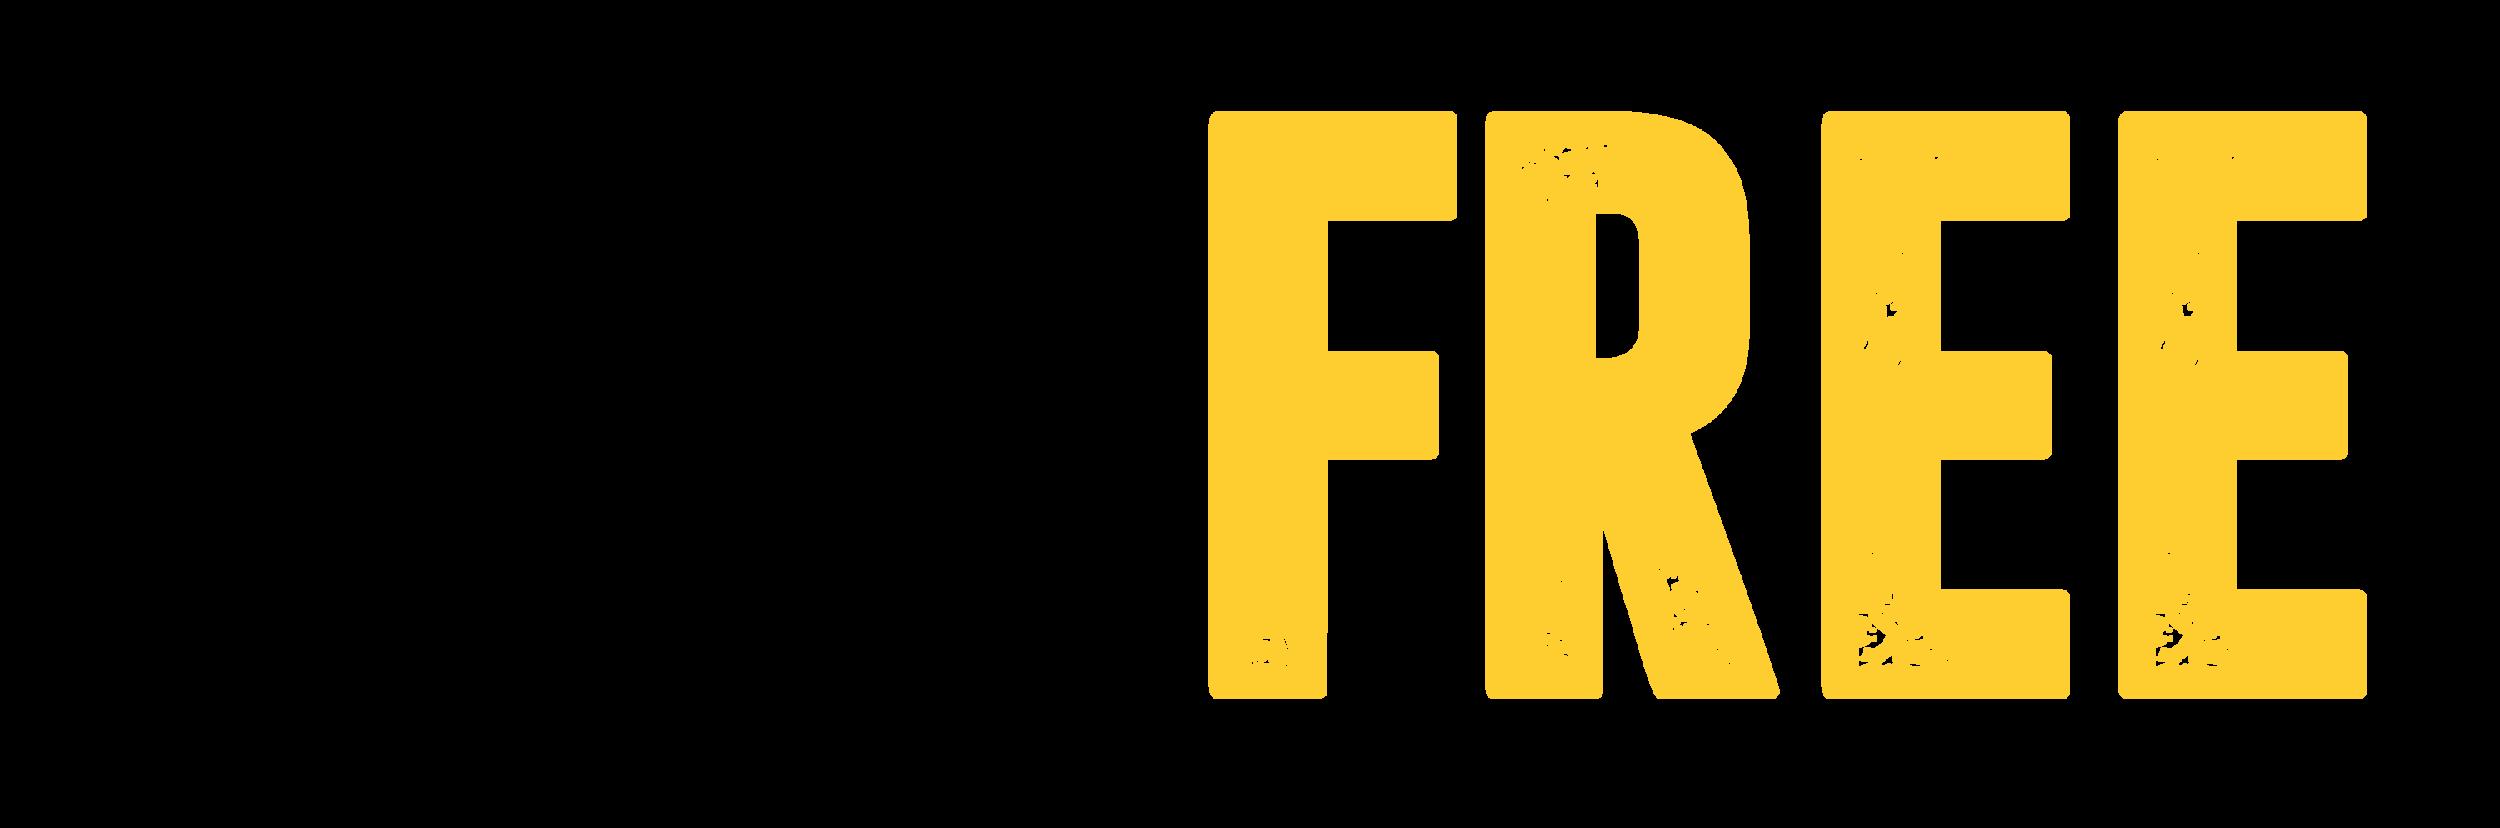 LF-logo-blk_ylw.png